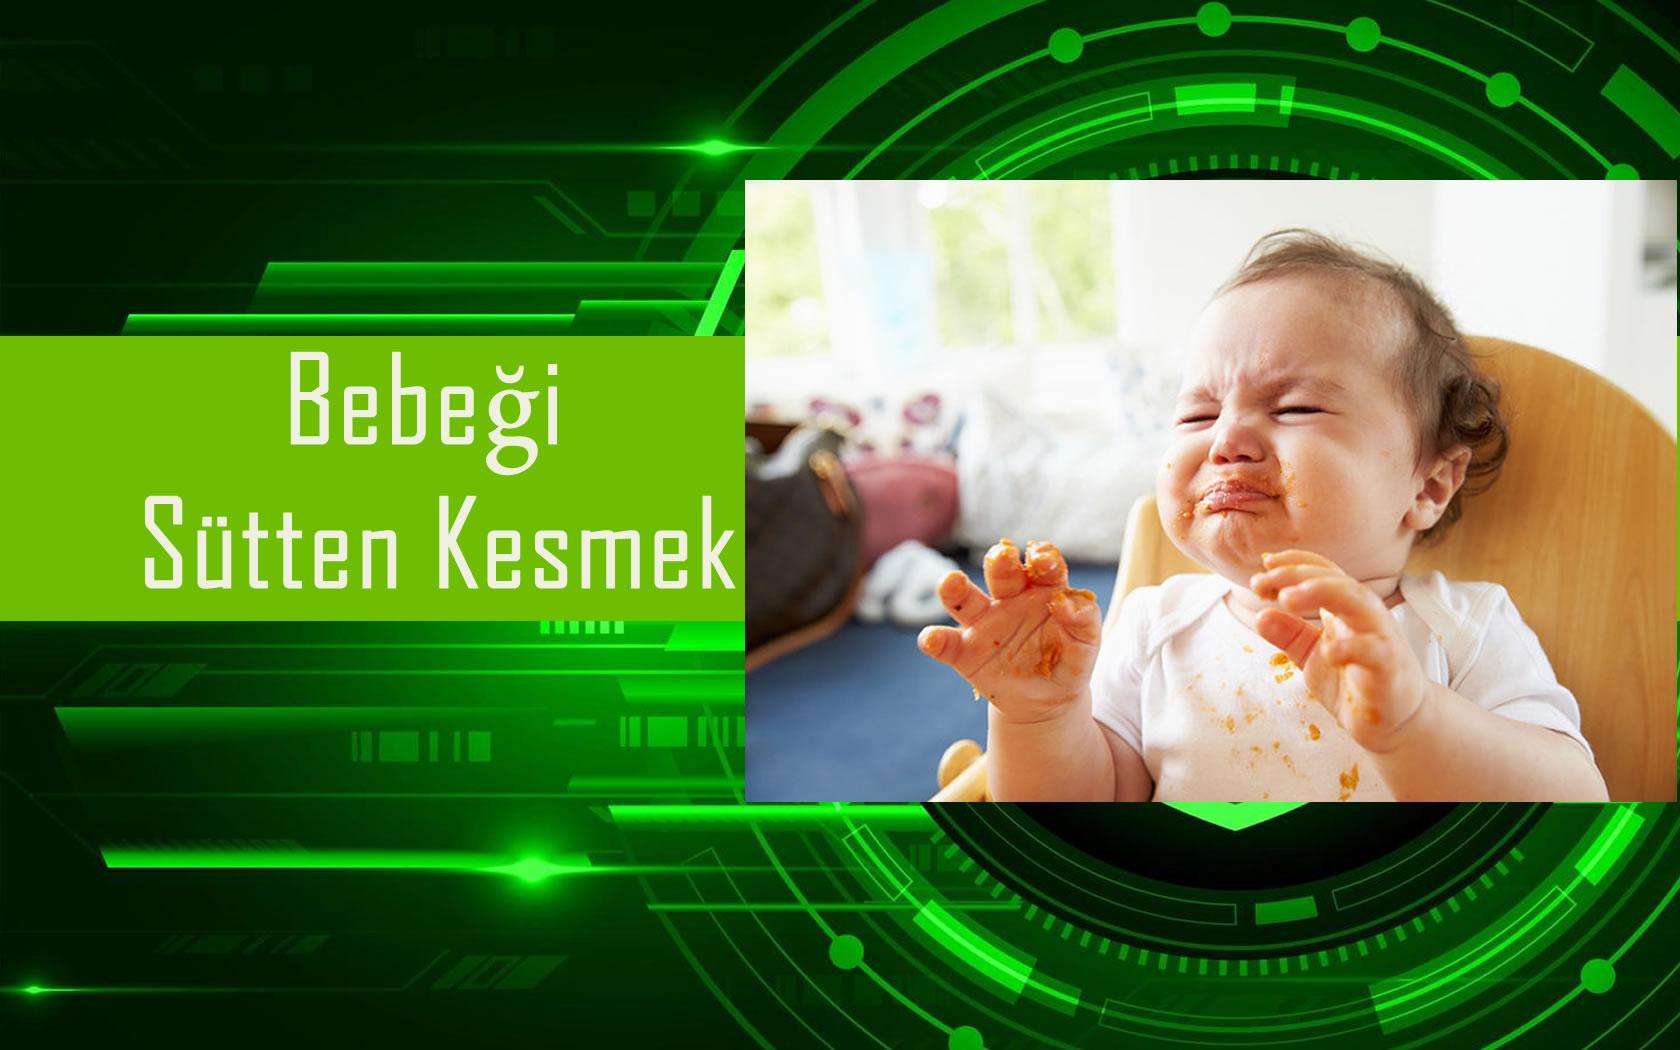 Bebeği Sütten Kesmek